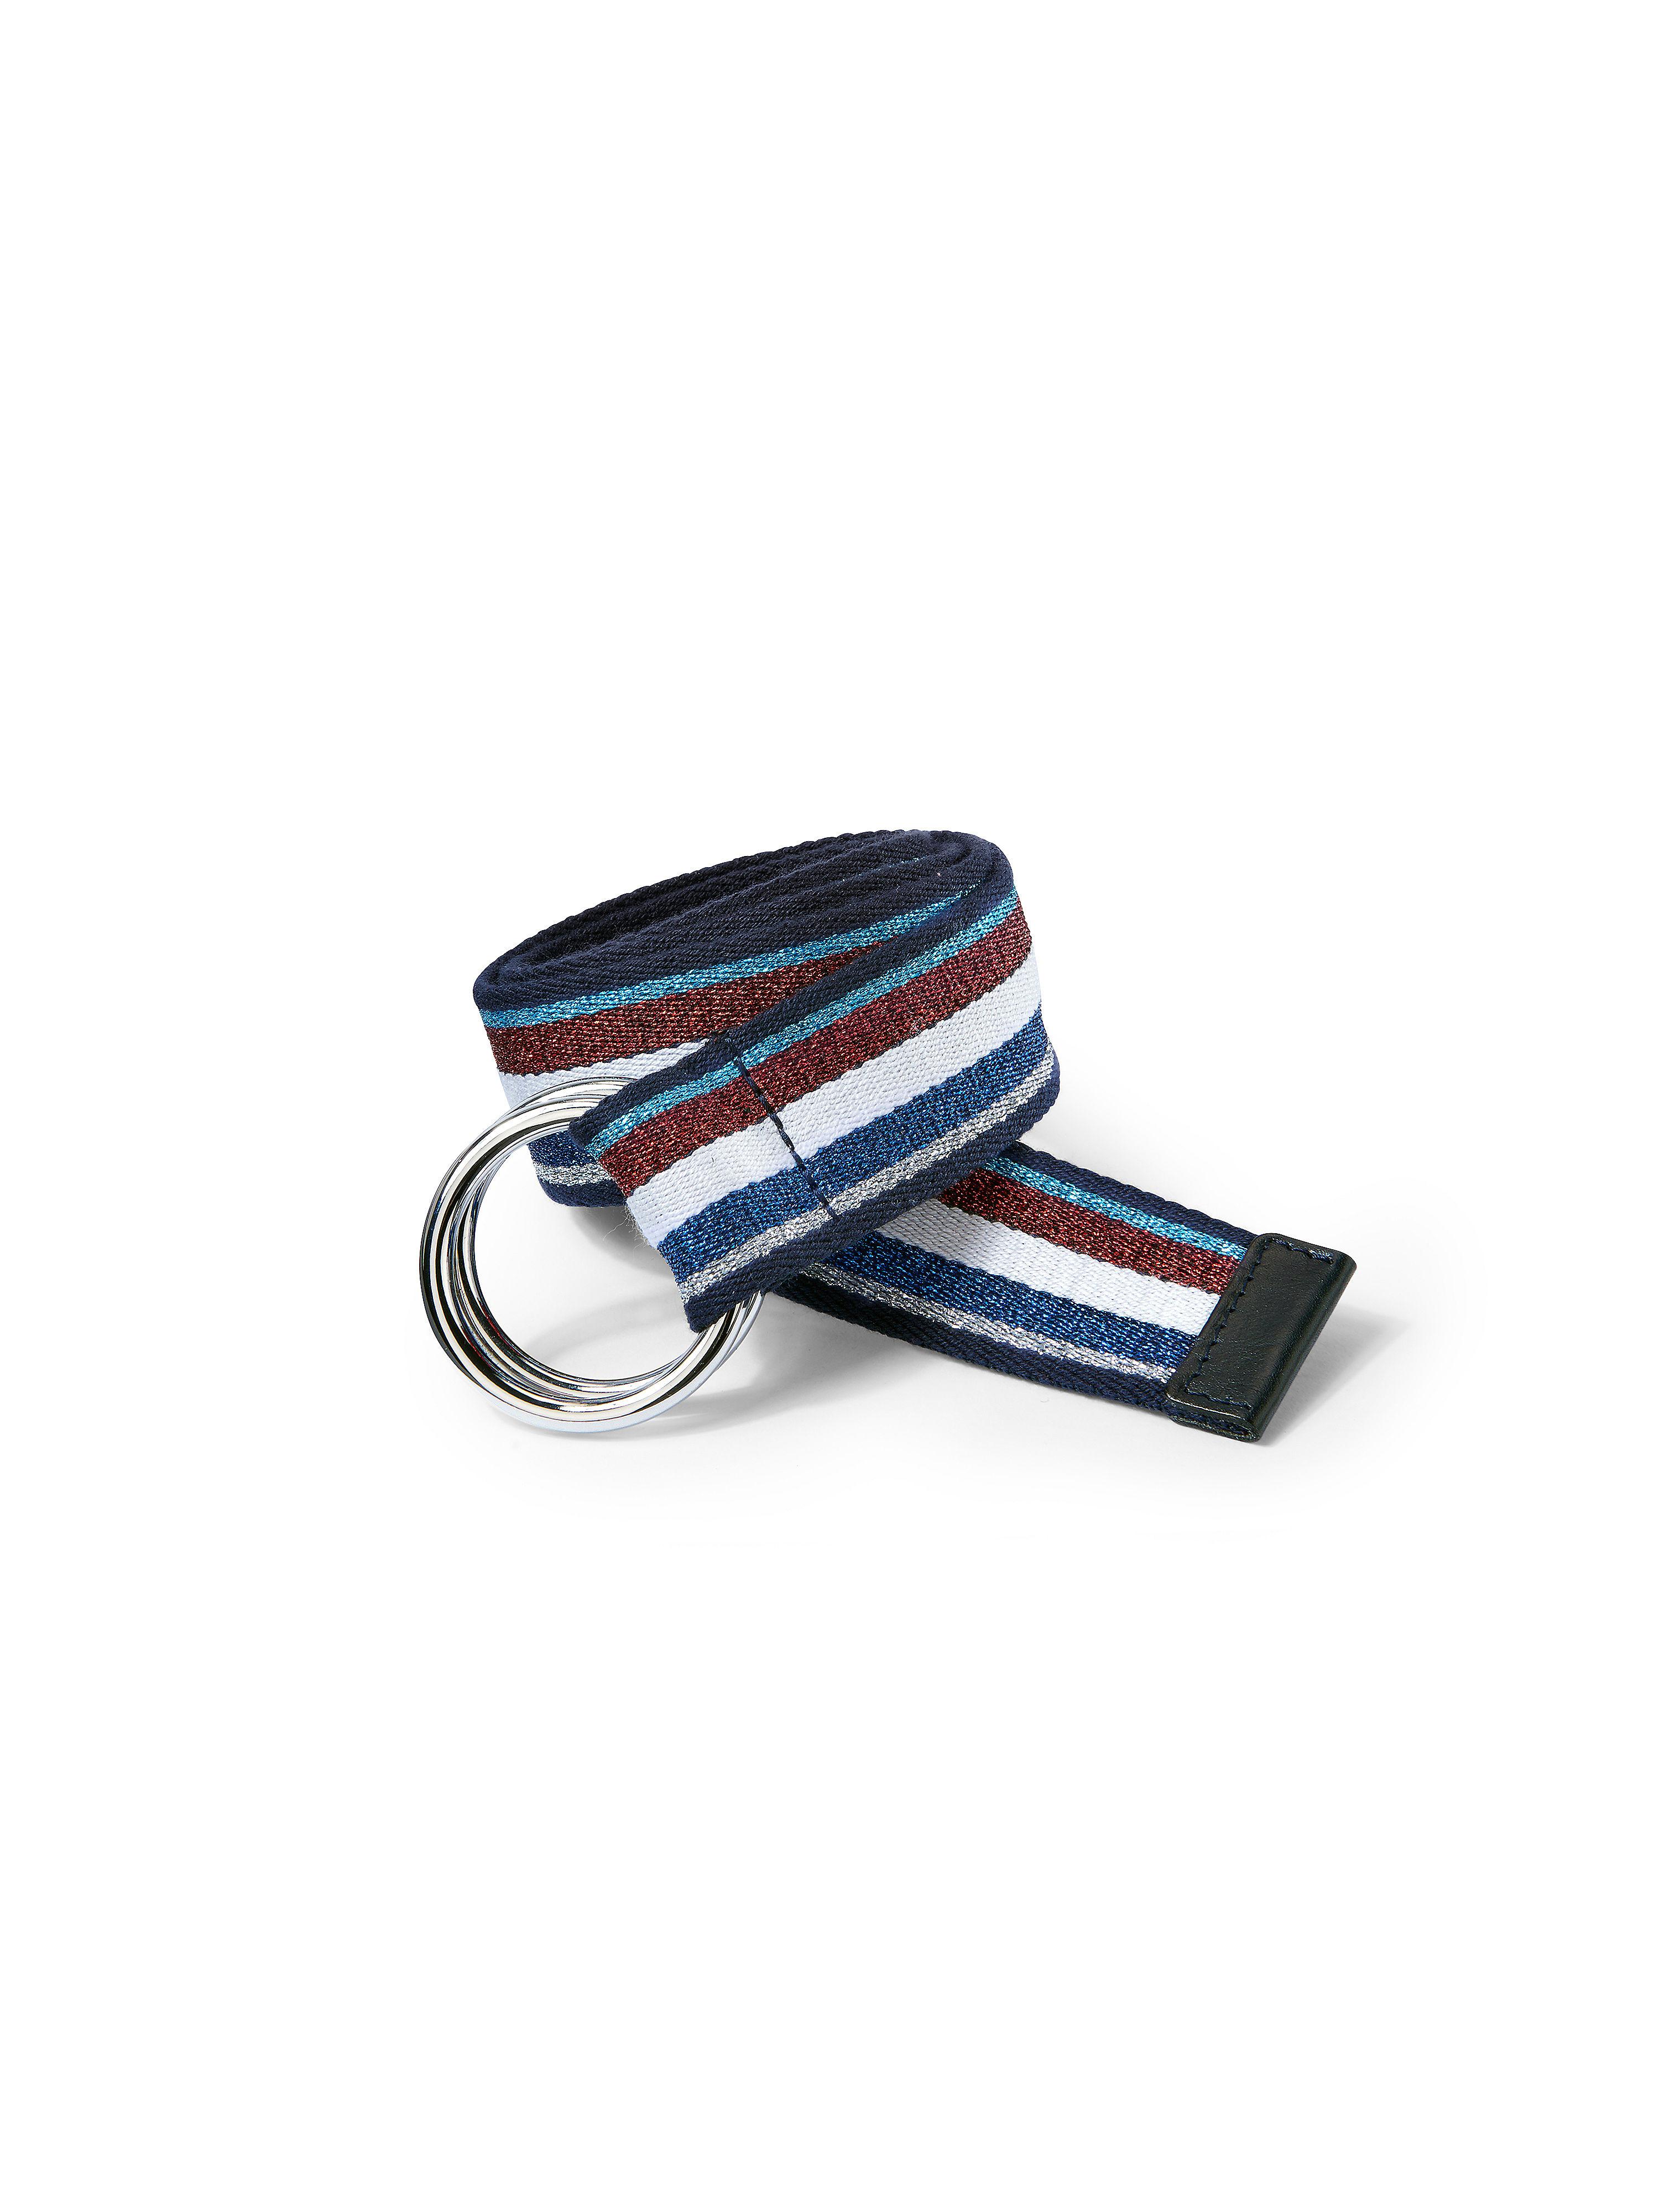 La ceinture  DAY.LIKE multicolore taille 95